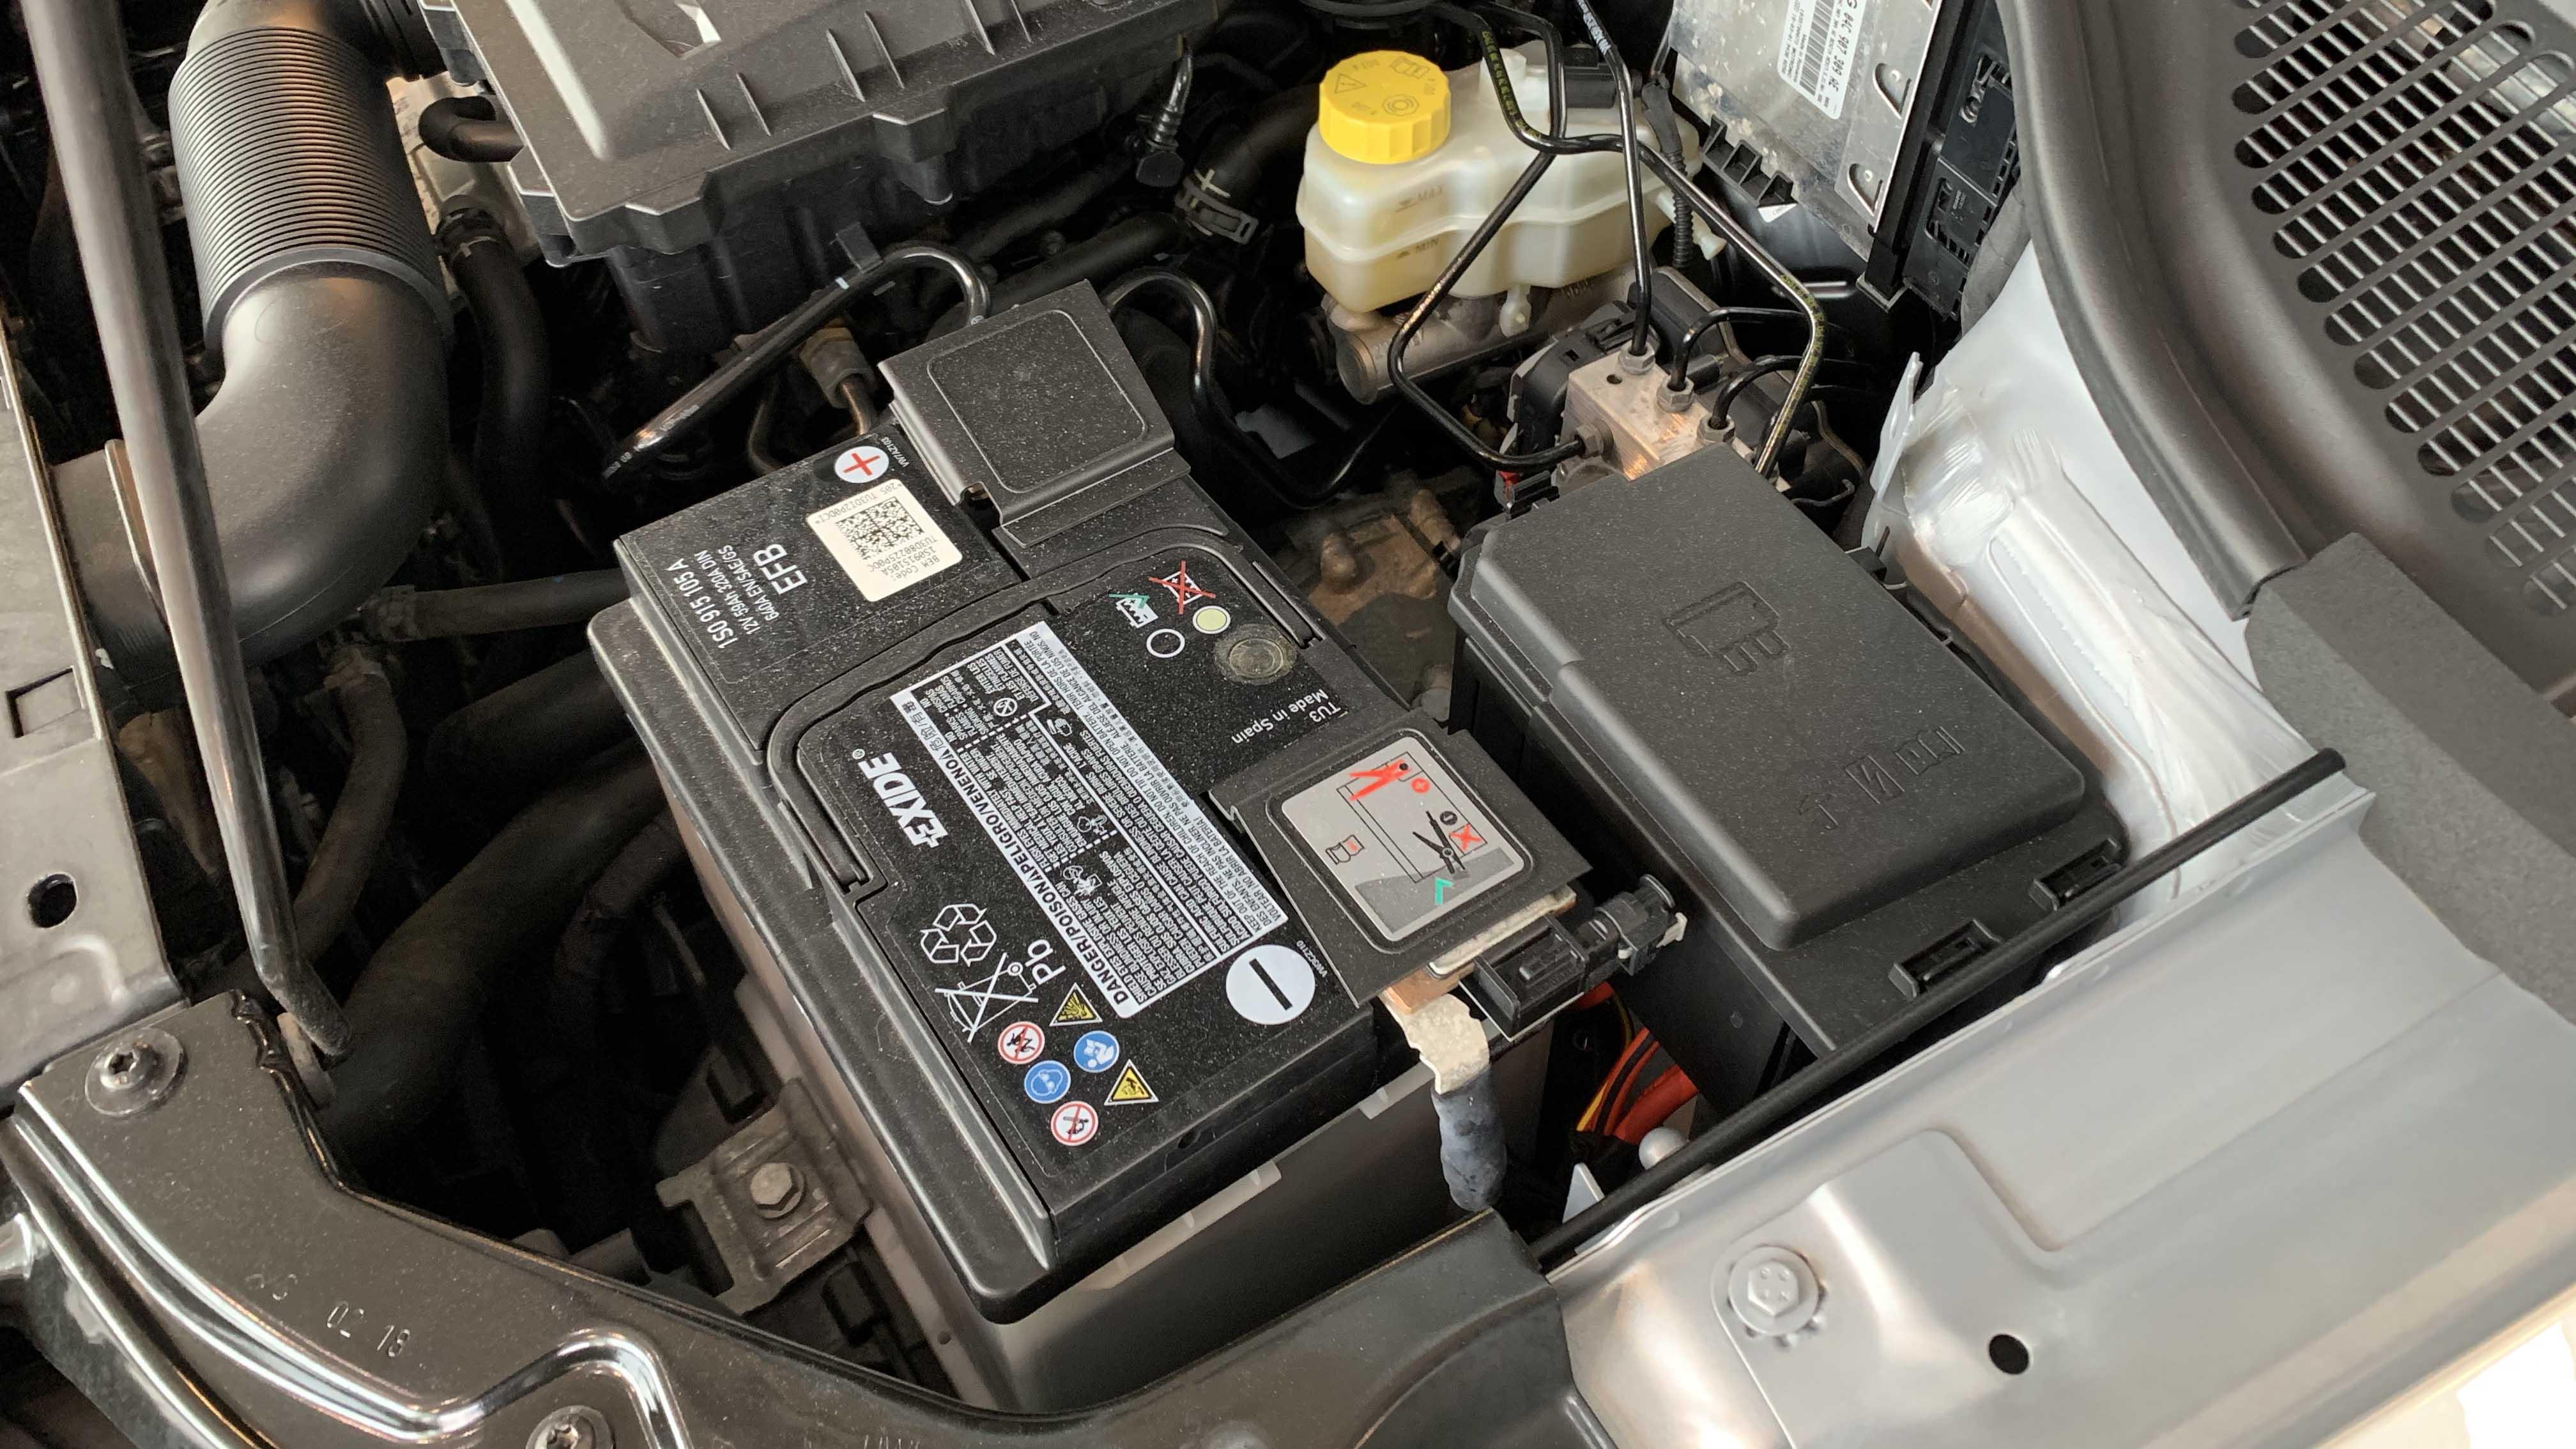 Unngå starttrøbbel Lad opp batteriet før vinteren | NAF